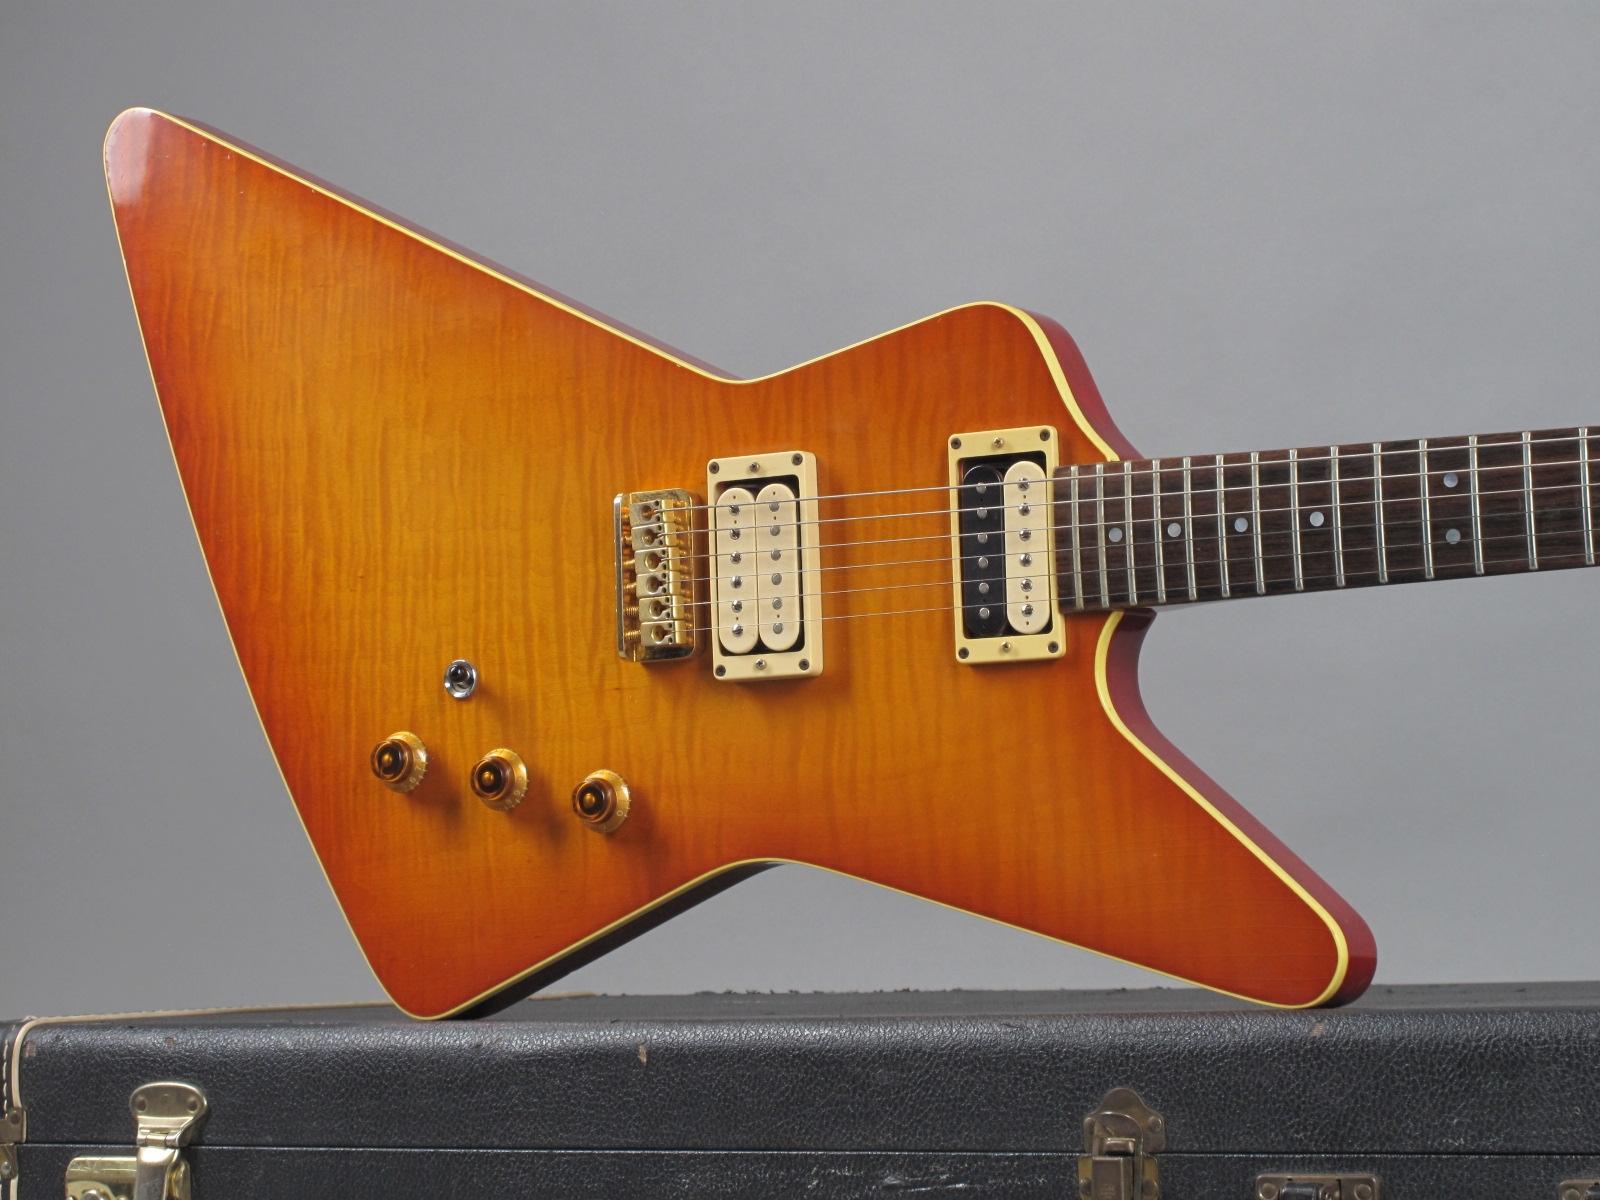 https://guitarpoint.de/app/uploads/products/1983-hamer-blitz-fmt/1983-Hamer-Blitz-FMT-37983-19.jpg